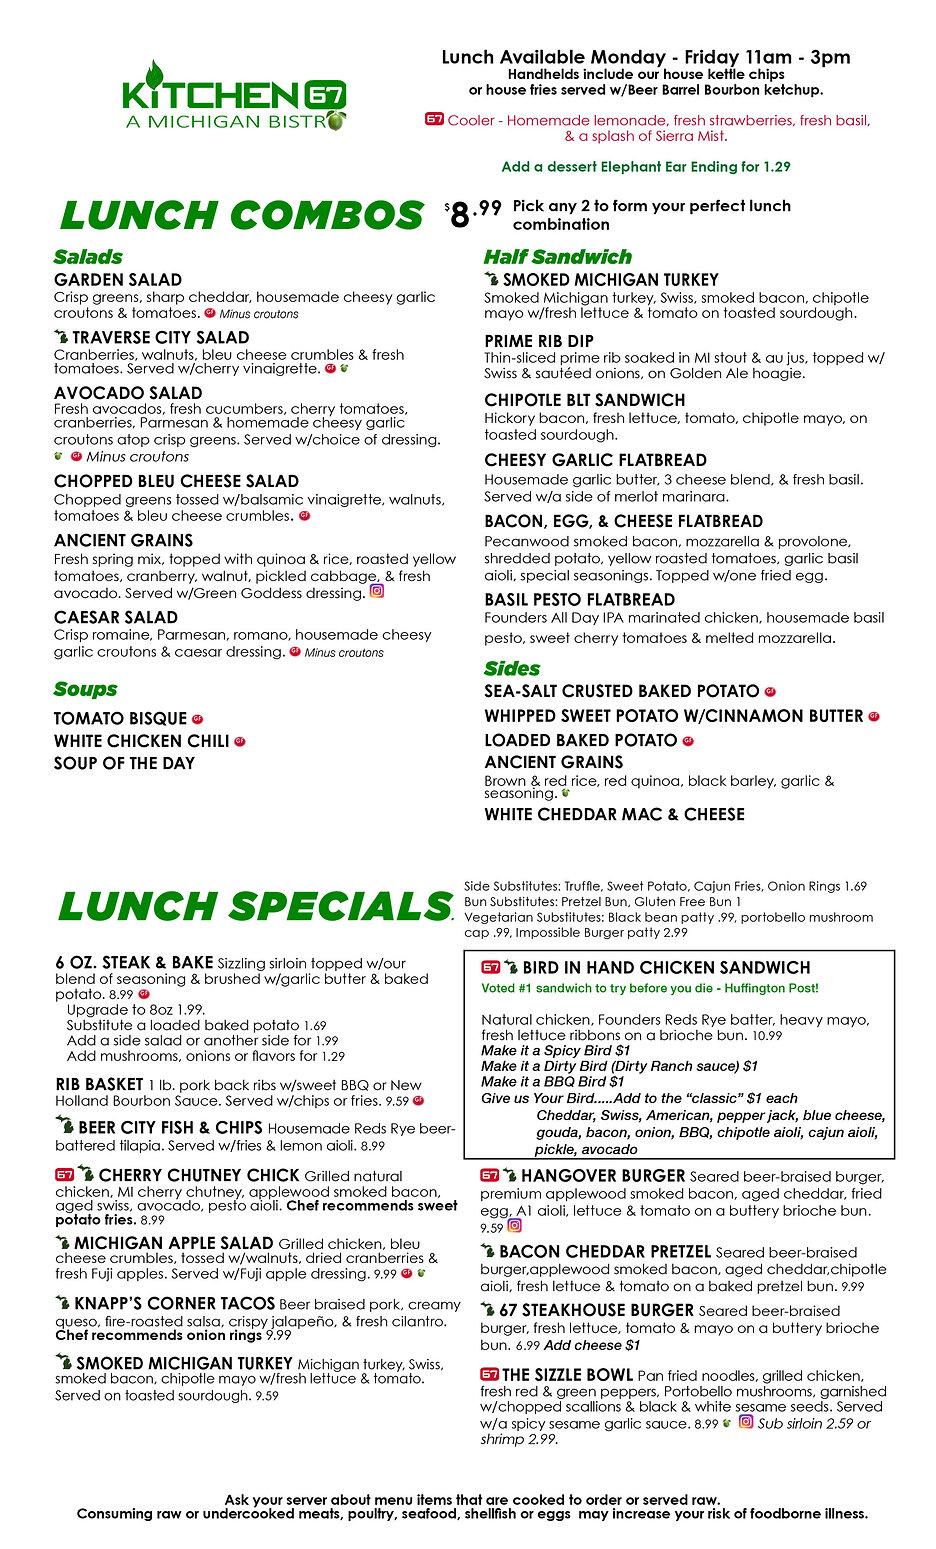 K67_Lunch_8.5x14_20-1.jpg